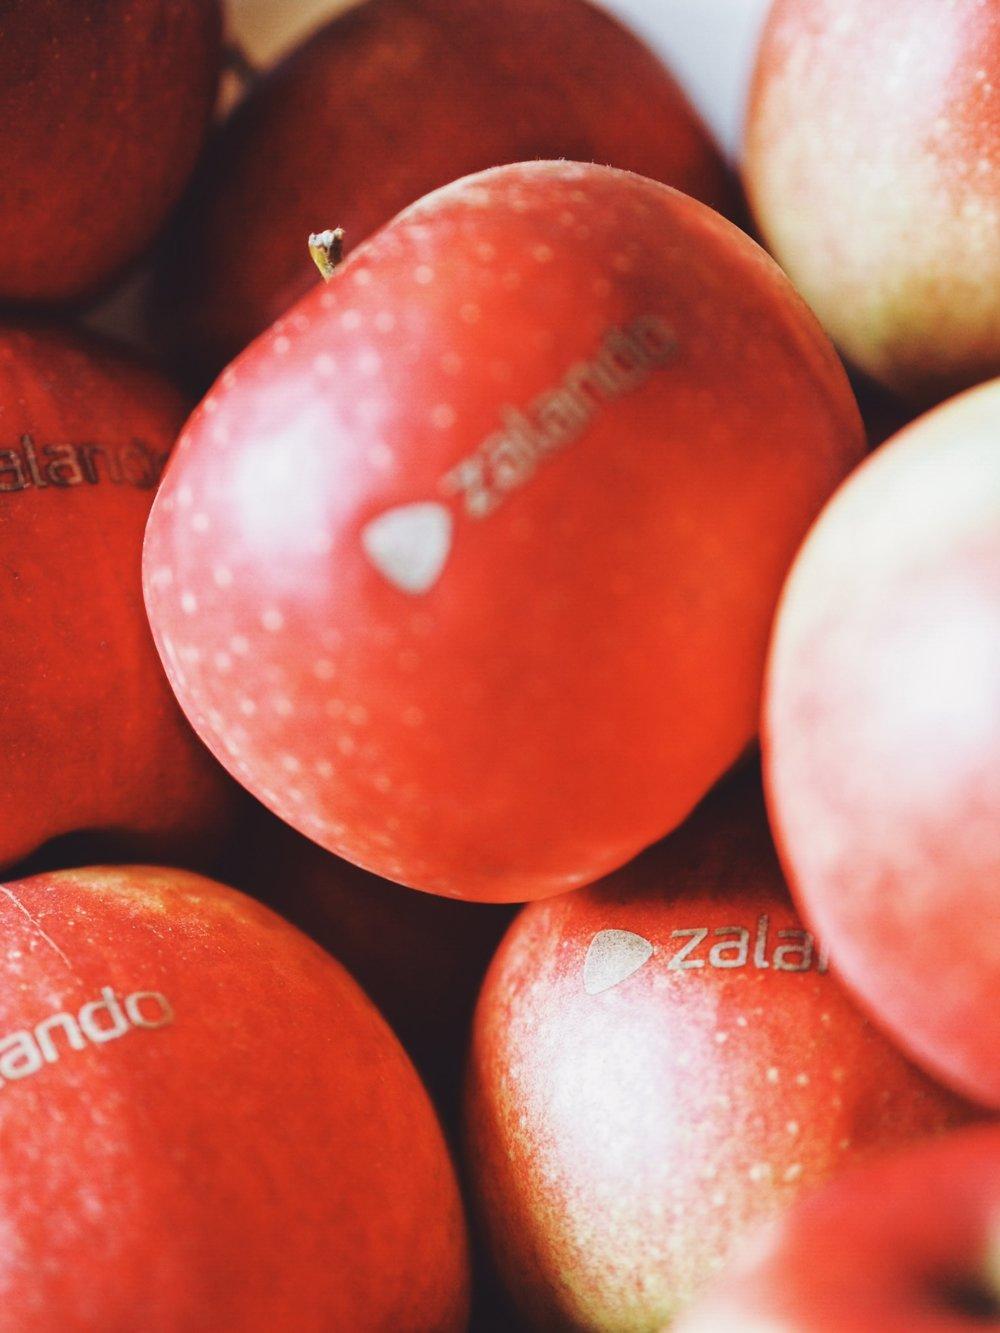 Äpfel mit Zalando Gravur gabs auch...